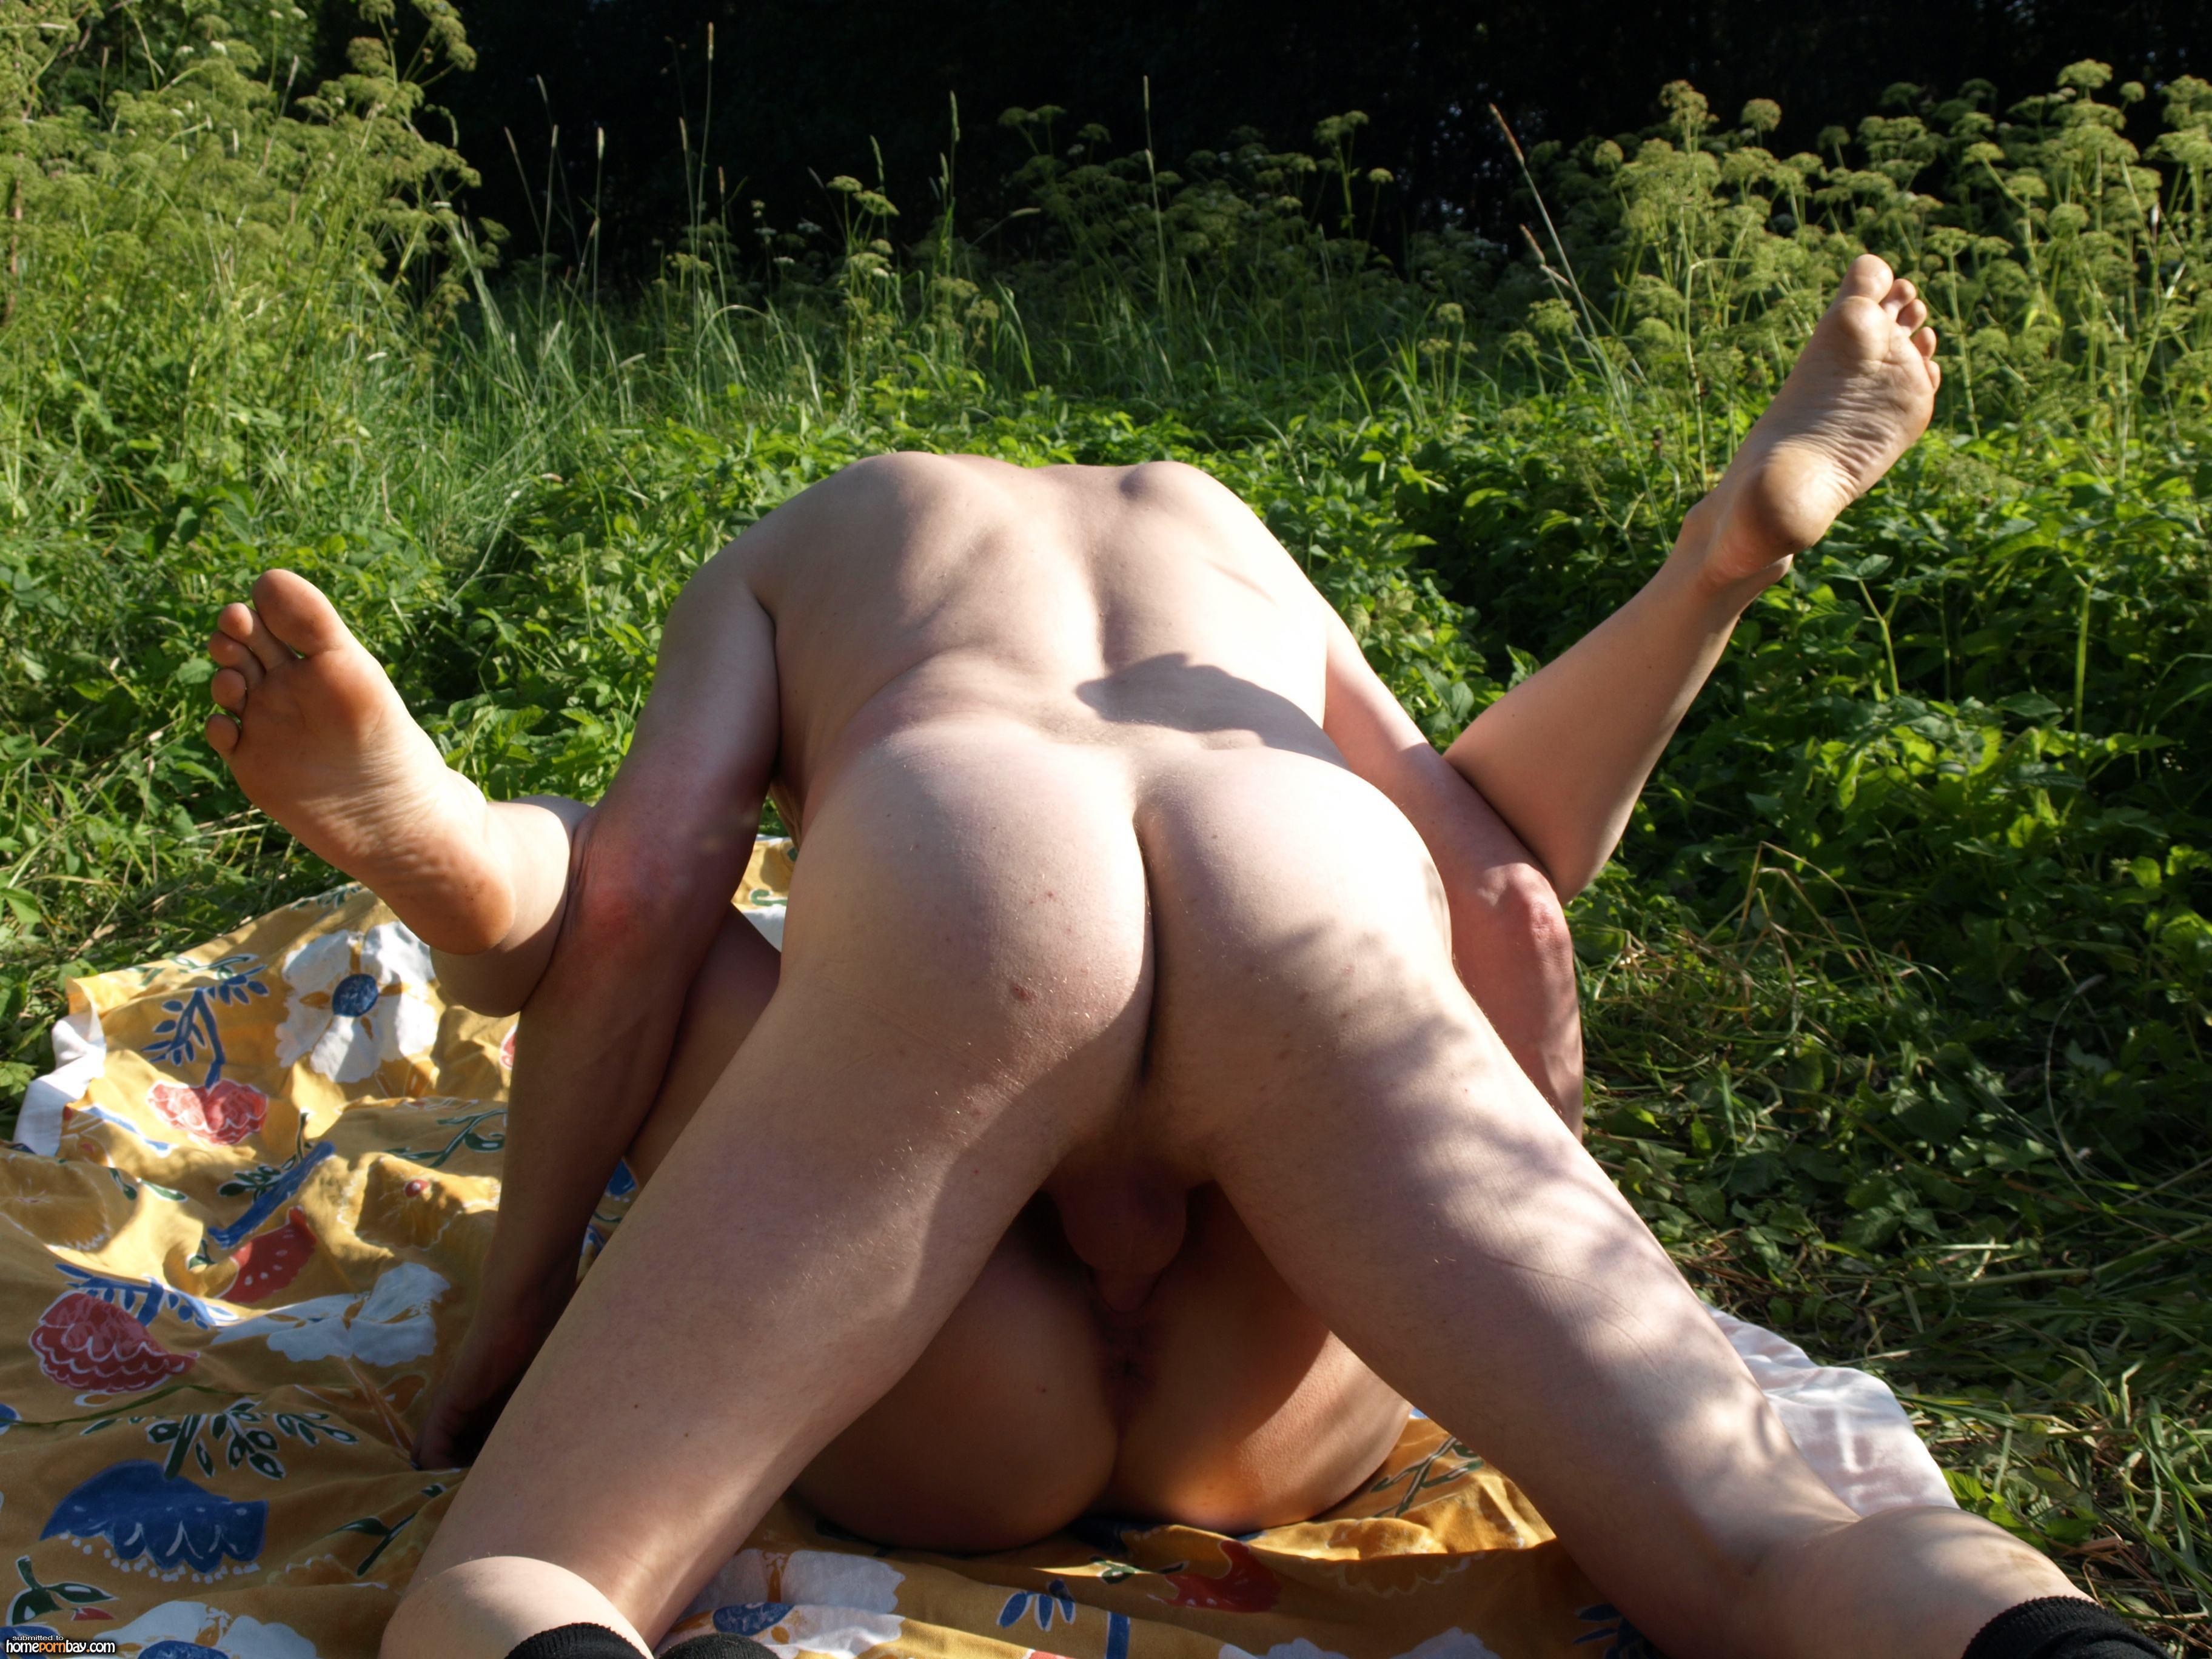 Секс фото отдыха с женой, На отдыхе с развратной женой порно фото бесплатно 25 фотография